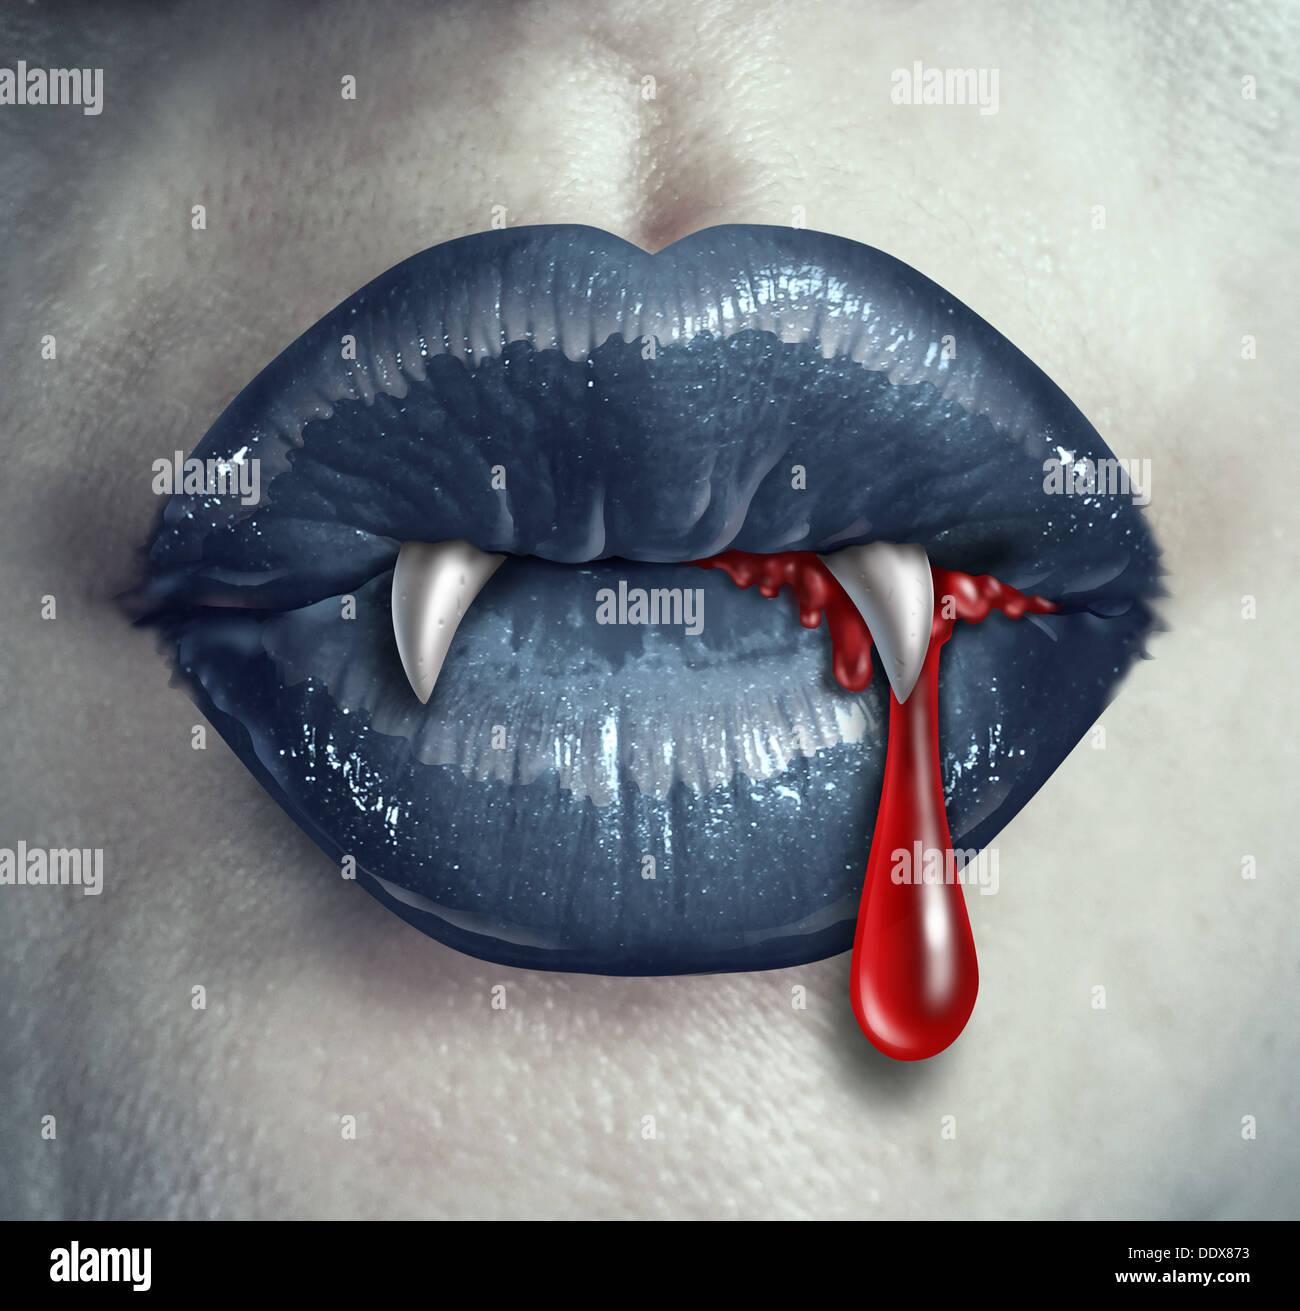 Dents De Vampire et d'horreur sanglante crocs avec un style gothique avec des femmes et des lèvres noir sang liquide qui s'écoule de la bouche Photo Stock